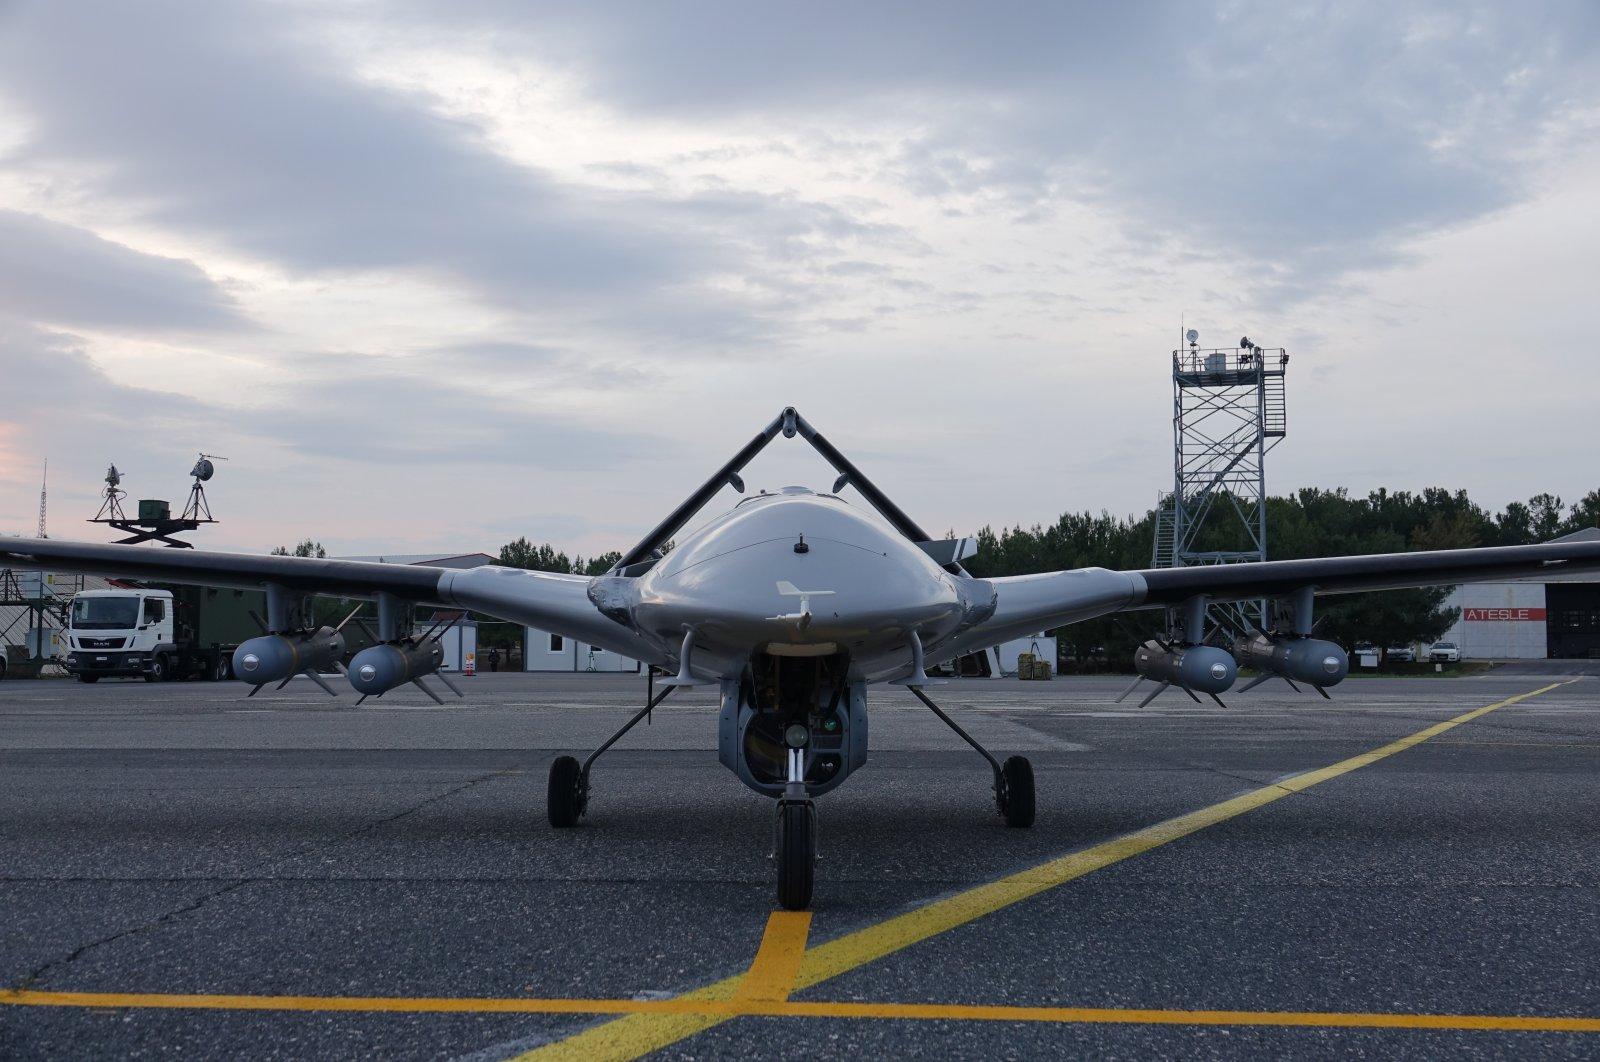 A Bayraktar TB2 unmanned combat aerial vehicle (UCAV) waits at a Baykar facility, Turkey, May 24, 2021. (Courtesy of Baykar)